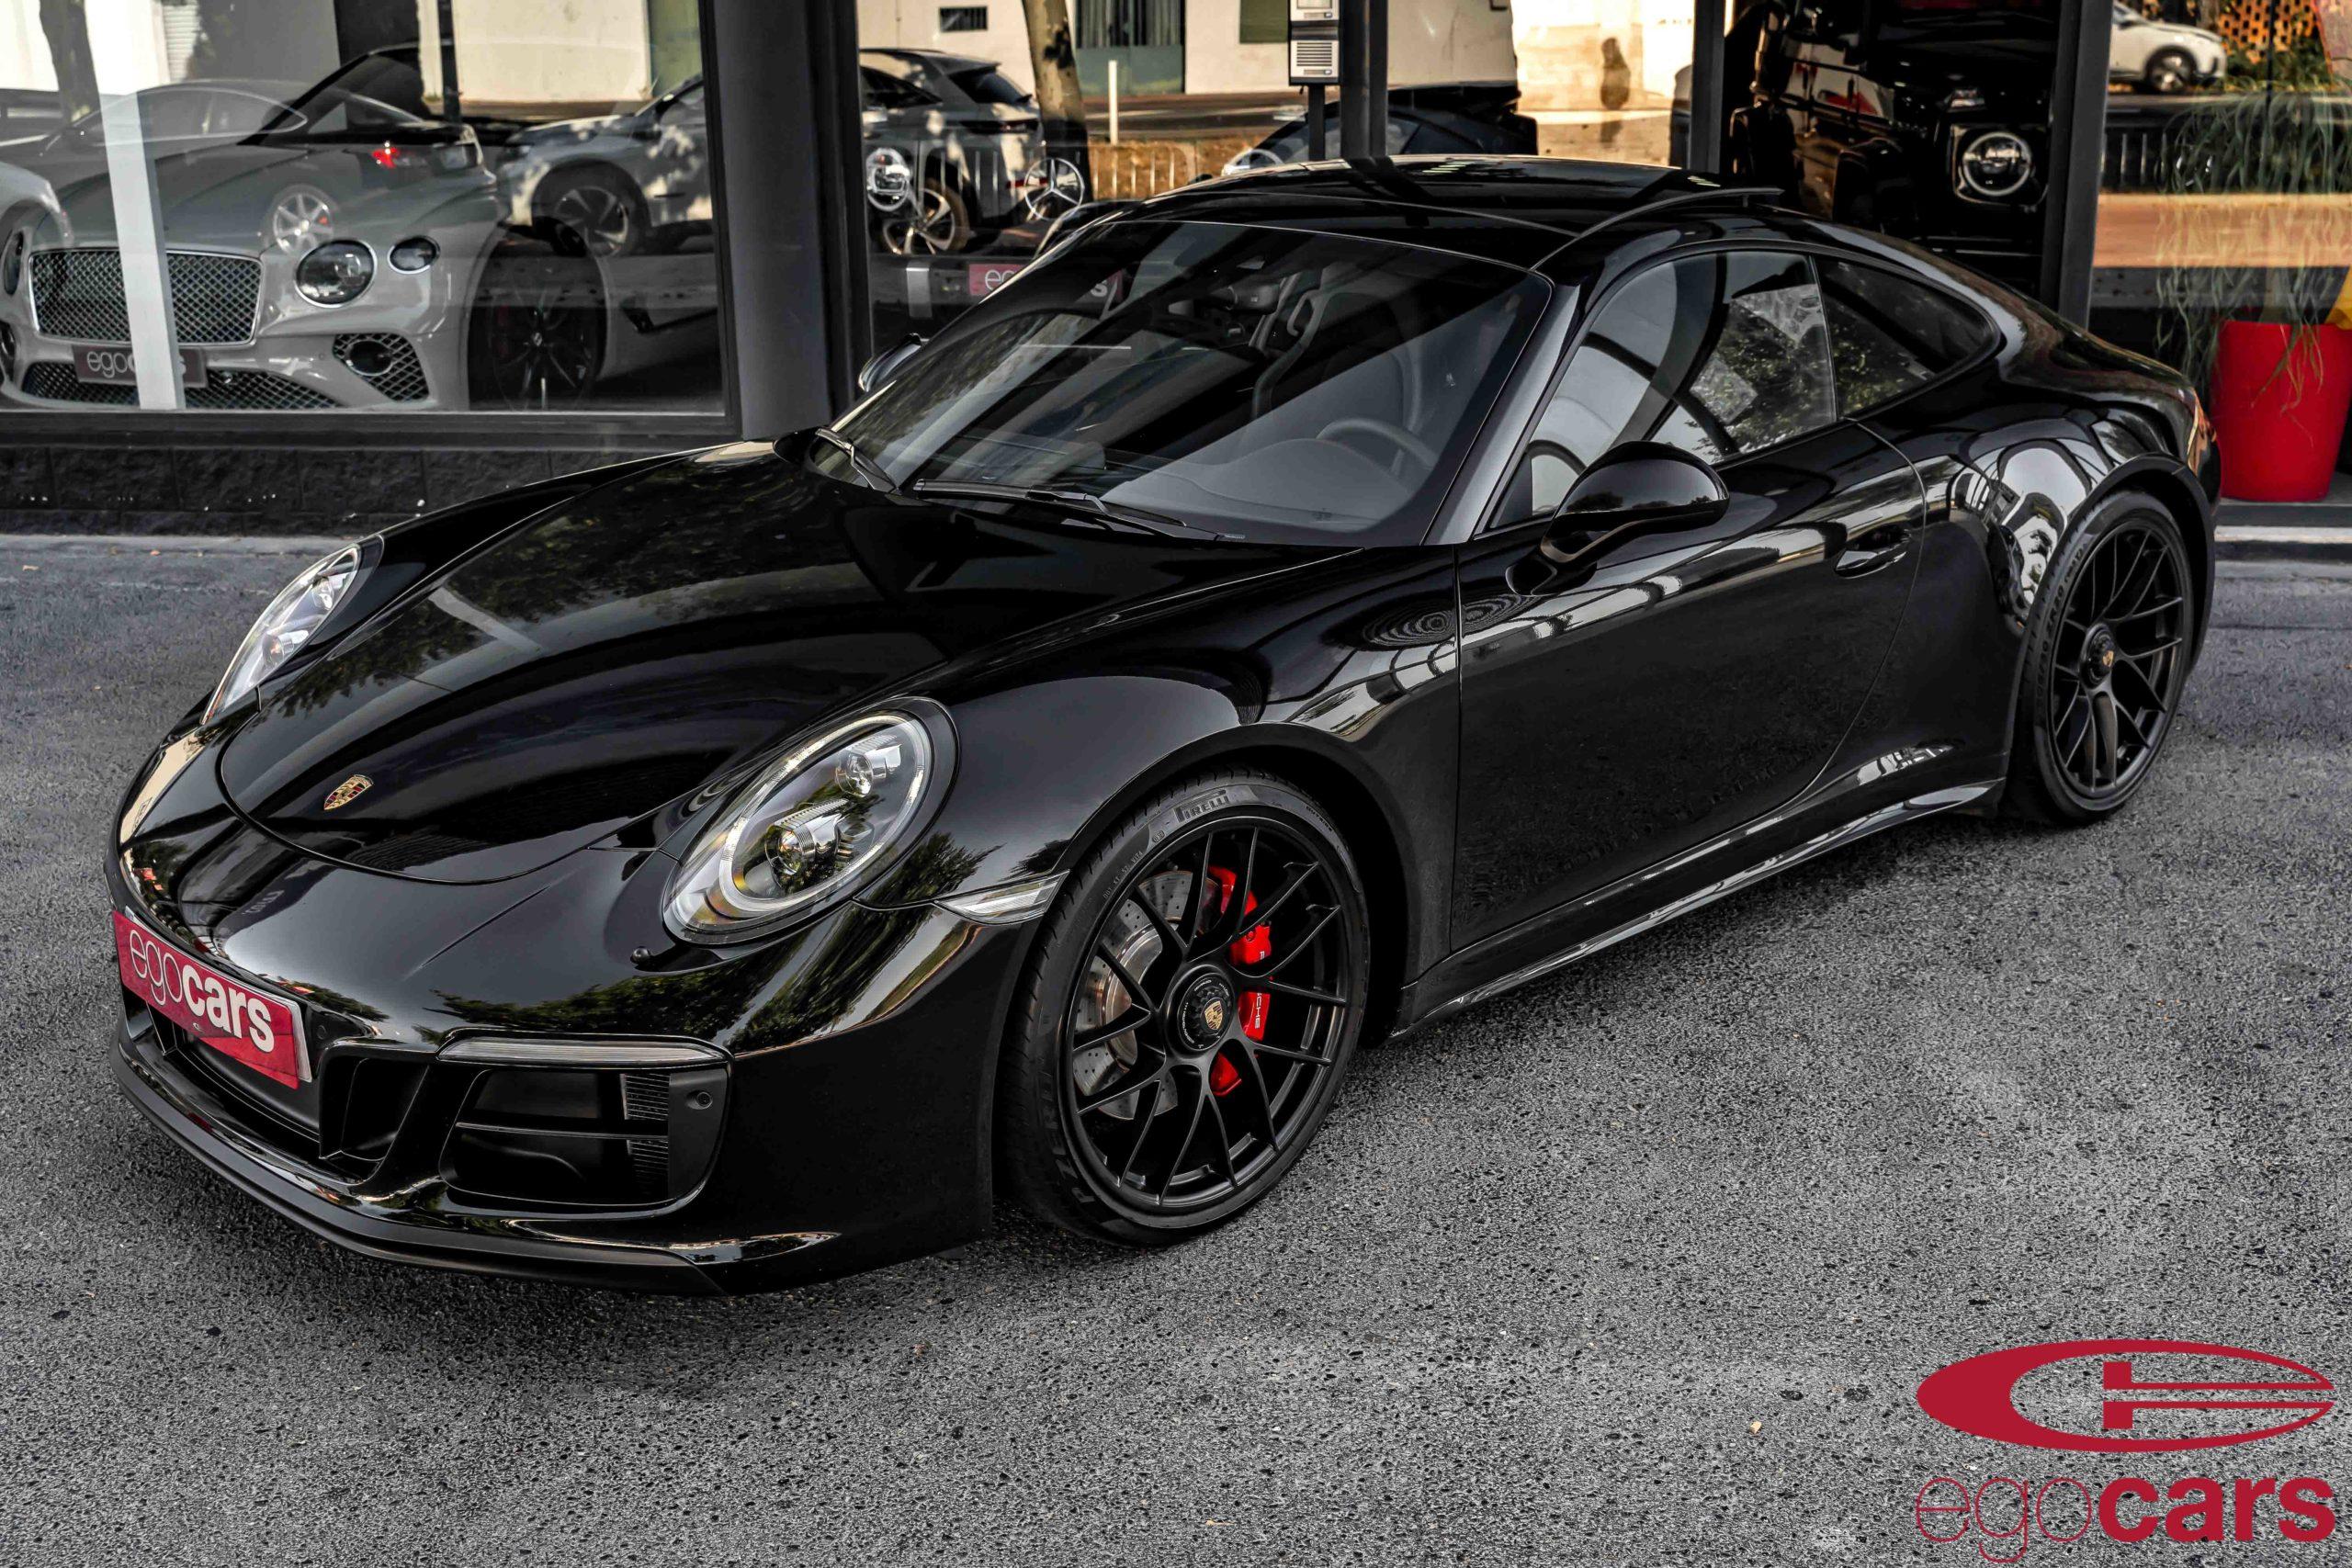 911 CARRERA 4 GTS NEGRO EGOCARS_2